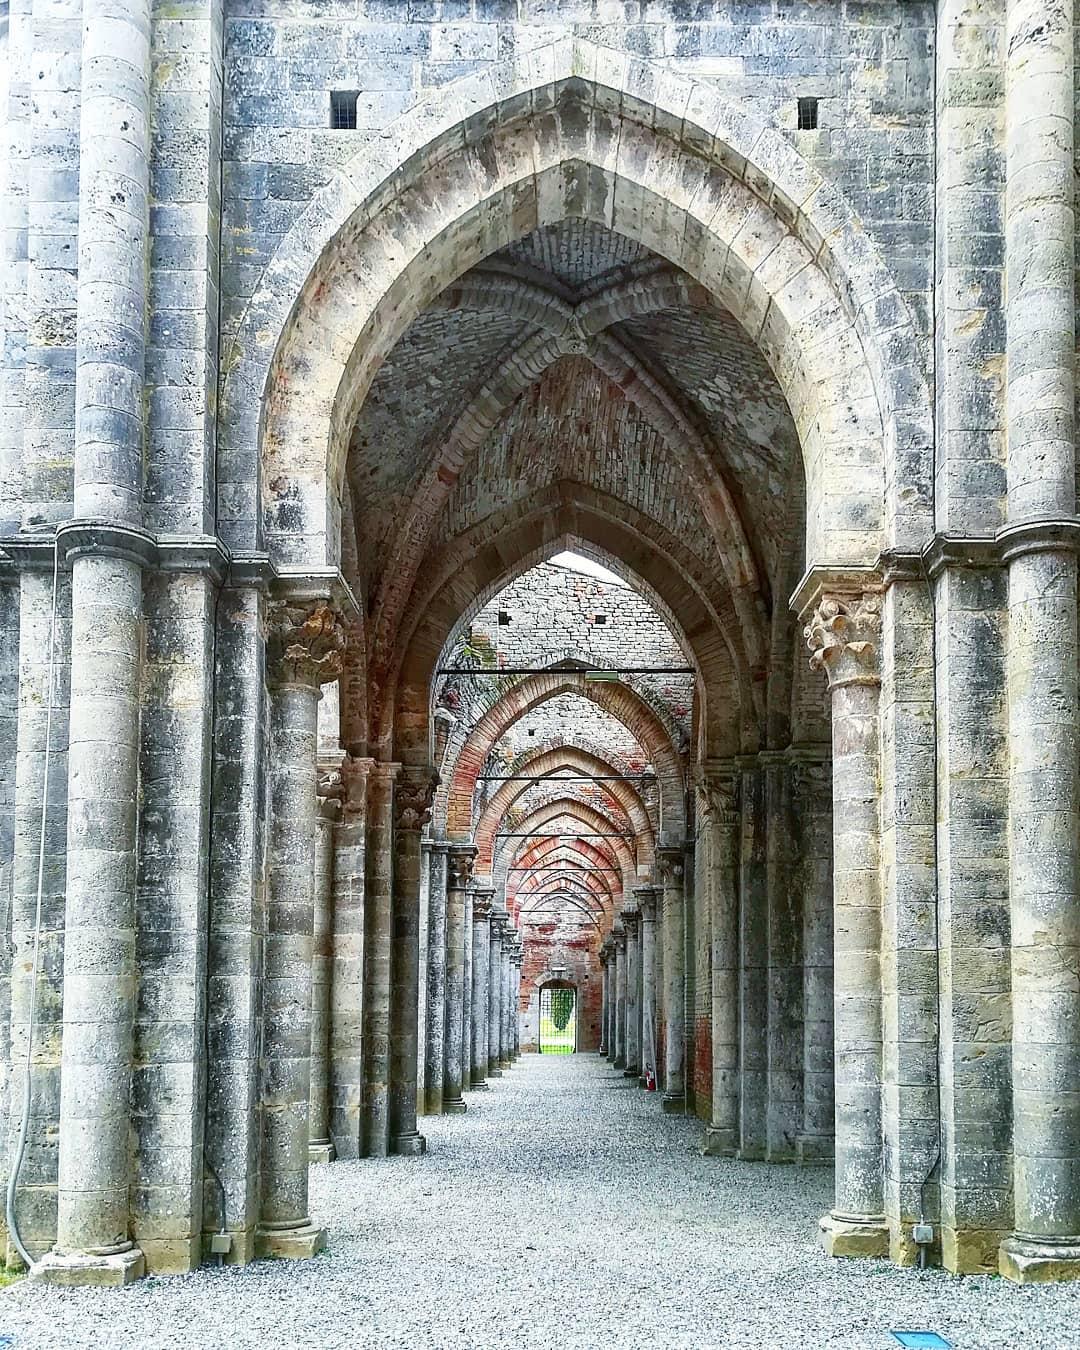 Navata laterale abbazia di San Galgano cosa vere a san Galgano GetCOO Travel blog